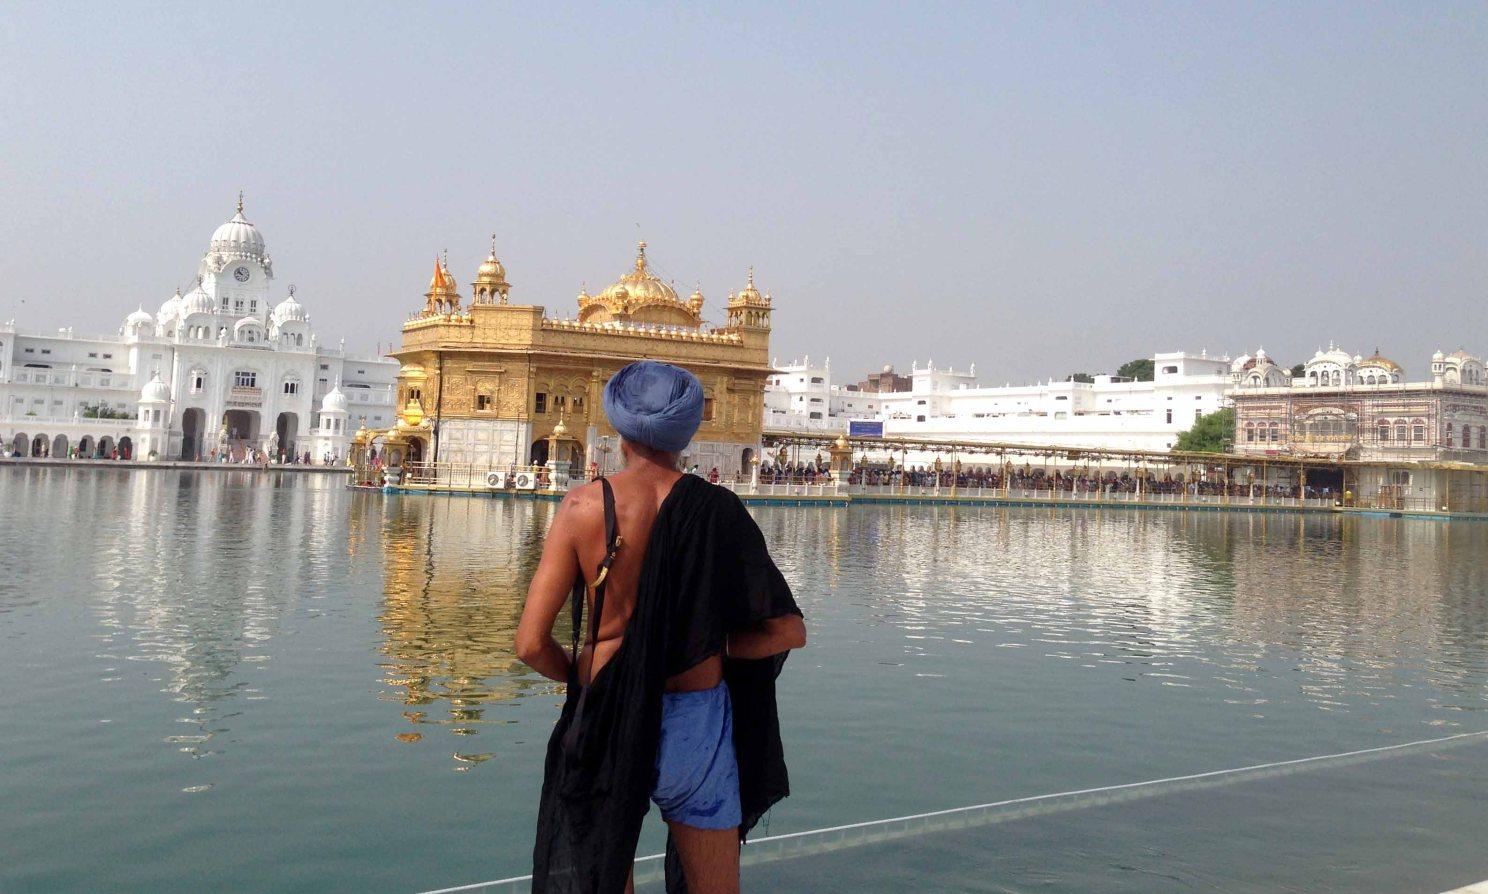 visita-templo-dorado-amritsar